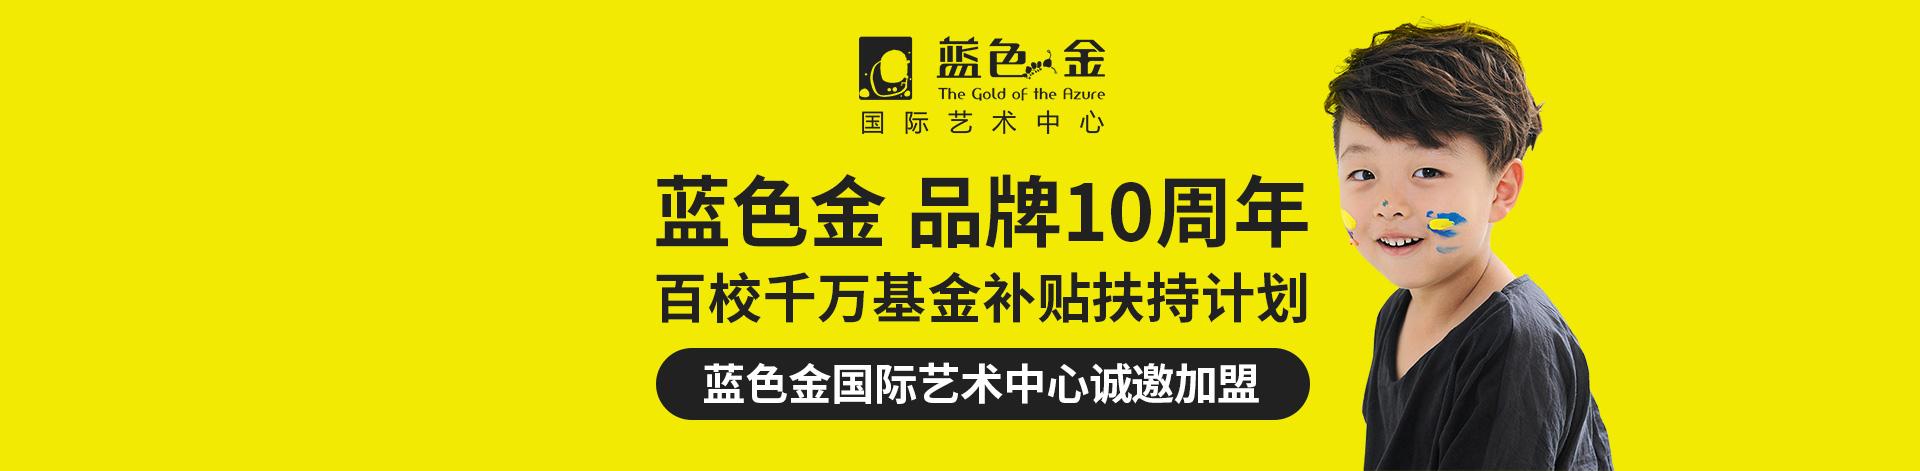 蓝色金国际艺术中心加盟